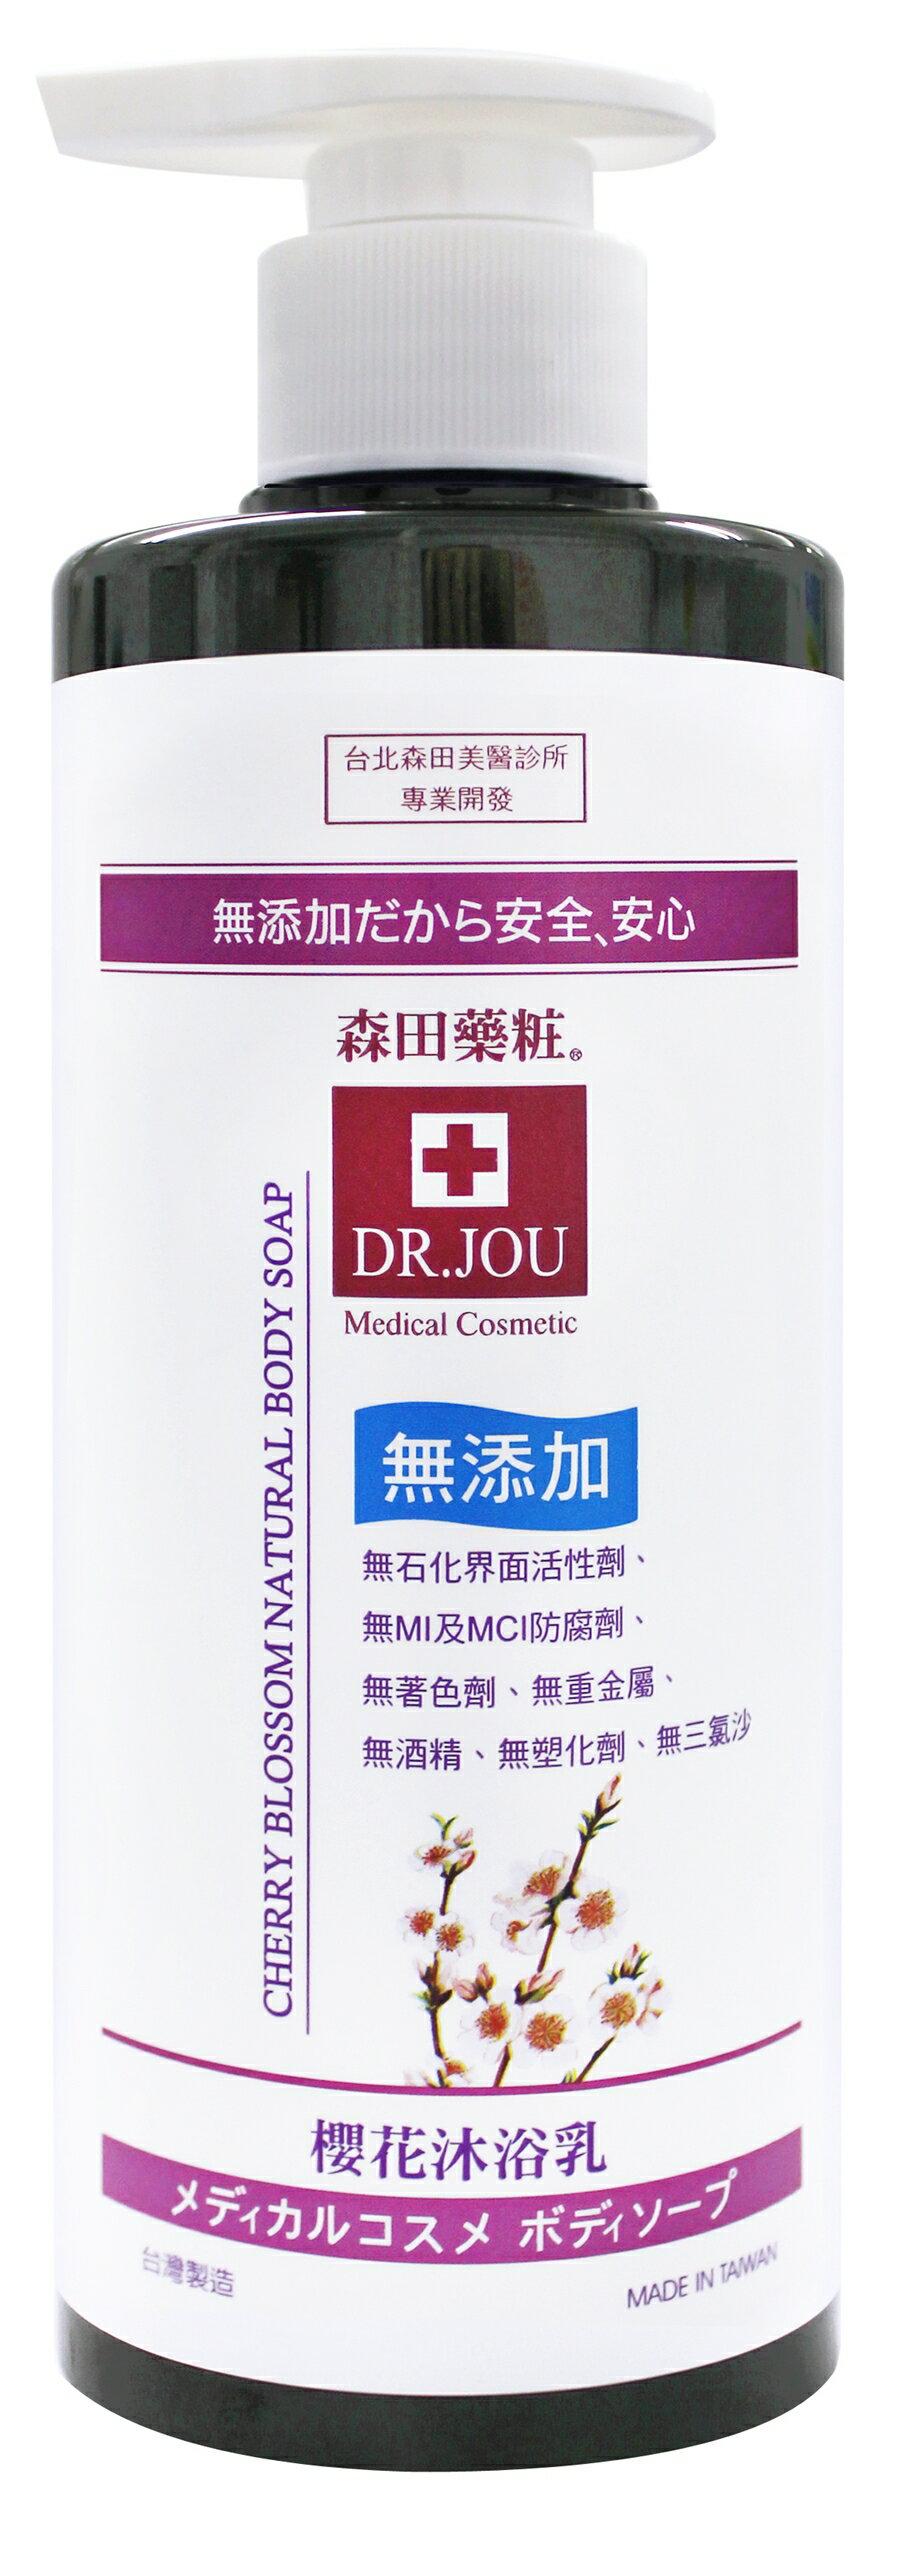 [買一送一]森田藥粧櫻花沐浴乳 500ml   加贈按摩巾